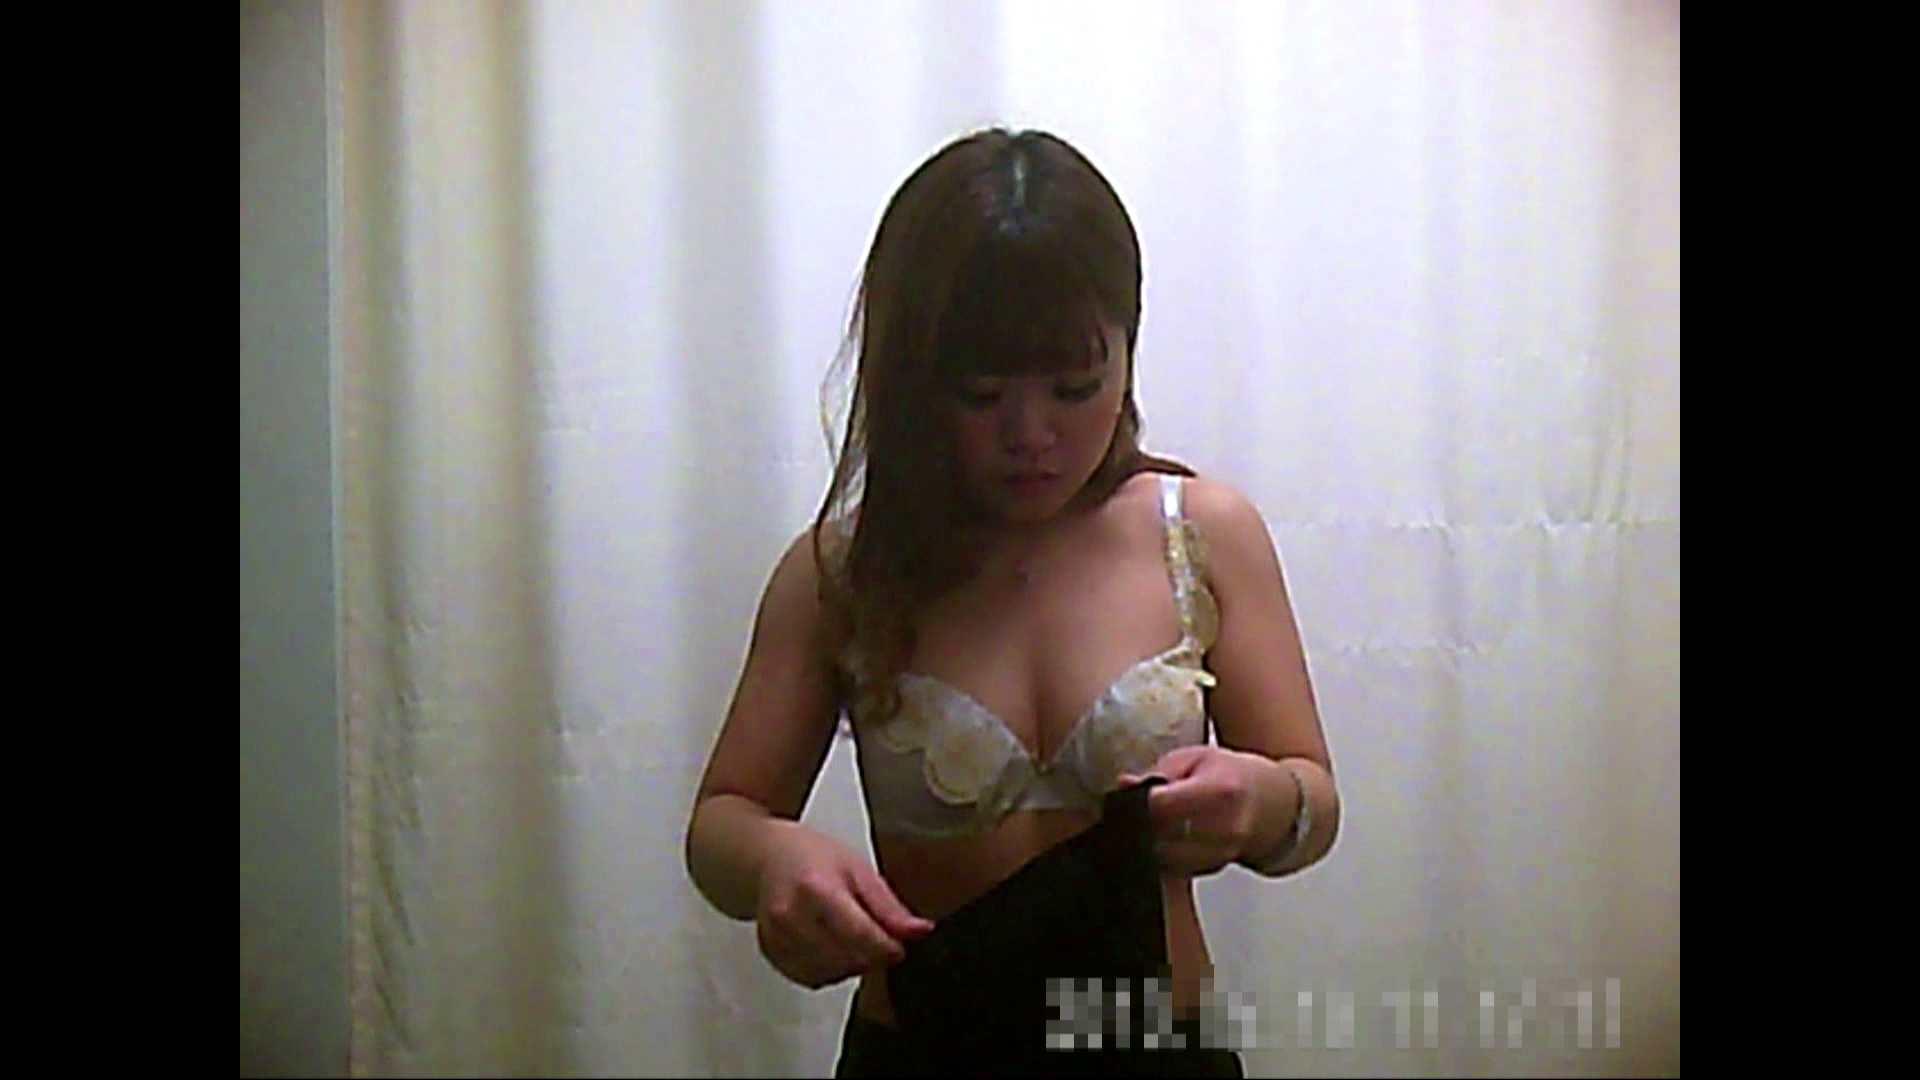 元医者による反抗 更衣室地獄絵巻 vol.086 OL | 0  91連発 16